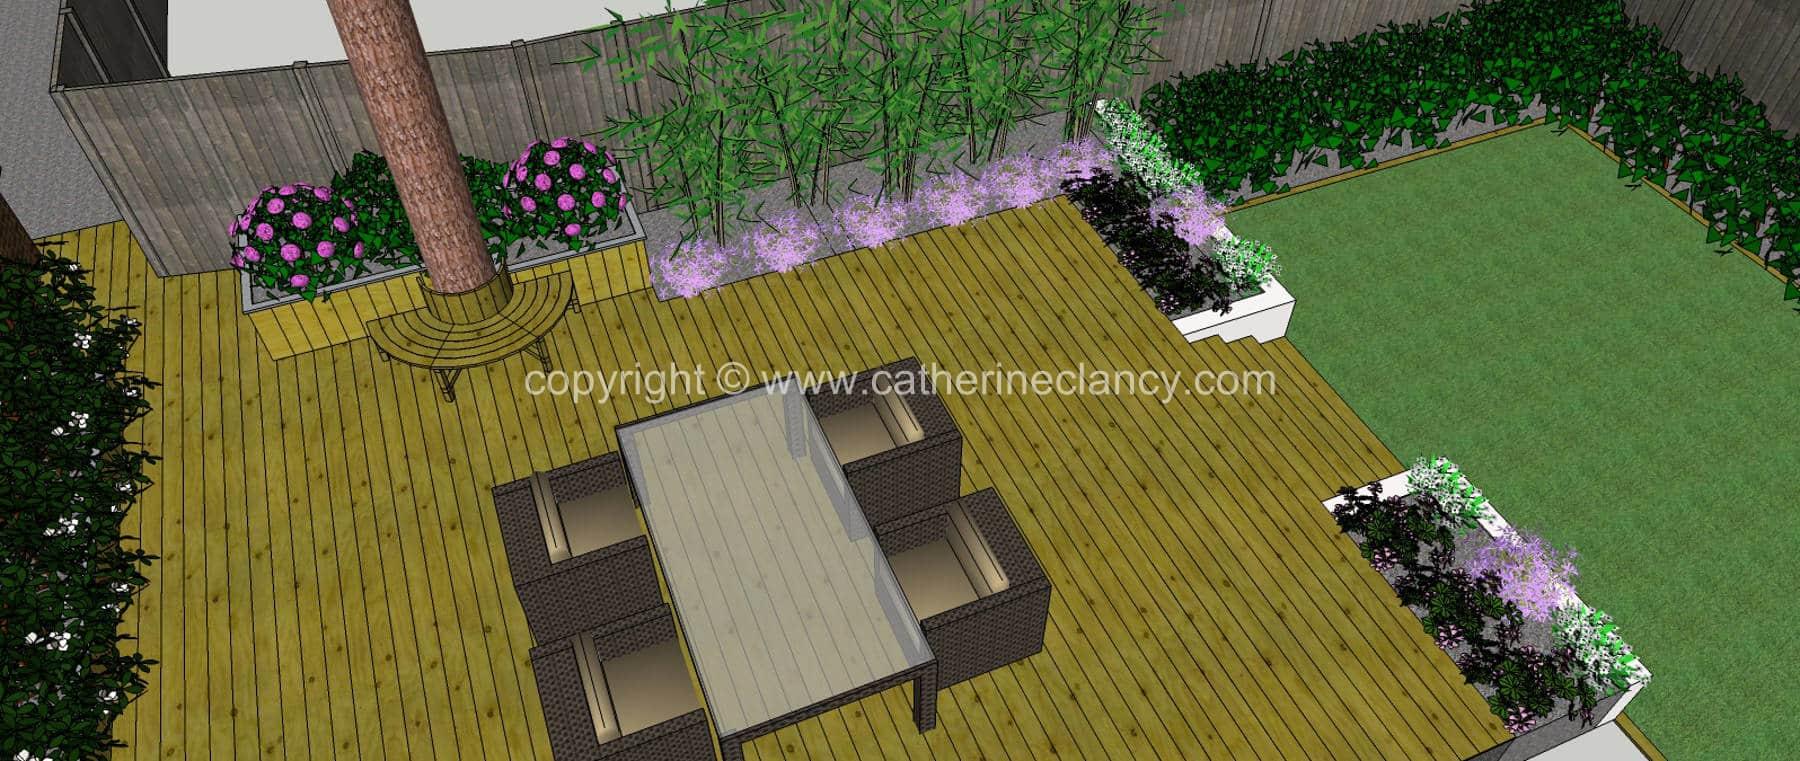 blackheath-deck-garden-10